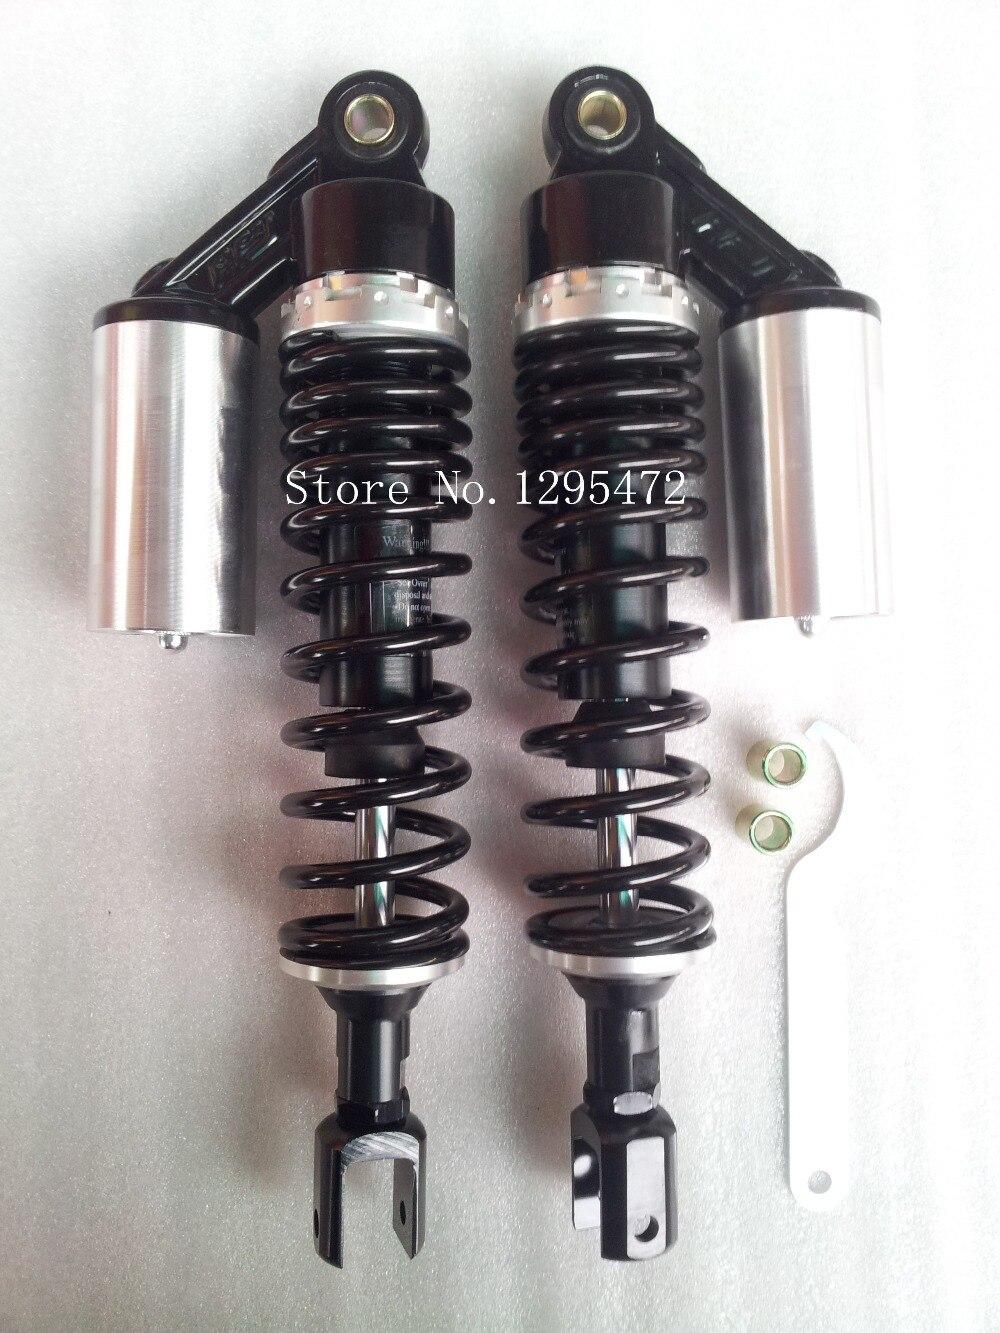 Alta calidad 350mm Clevis nitrógeno Amortiguador de aire 8mm resorte para motocicleta atv quad negro + color plata